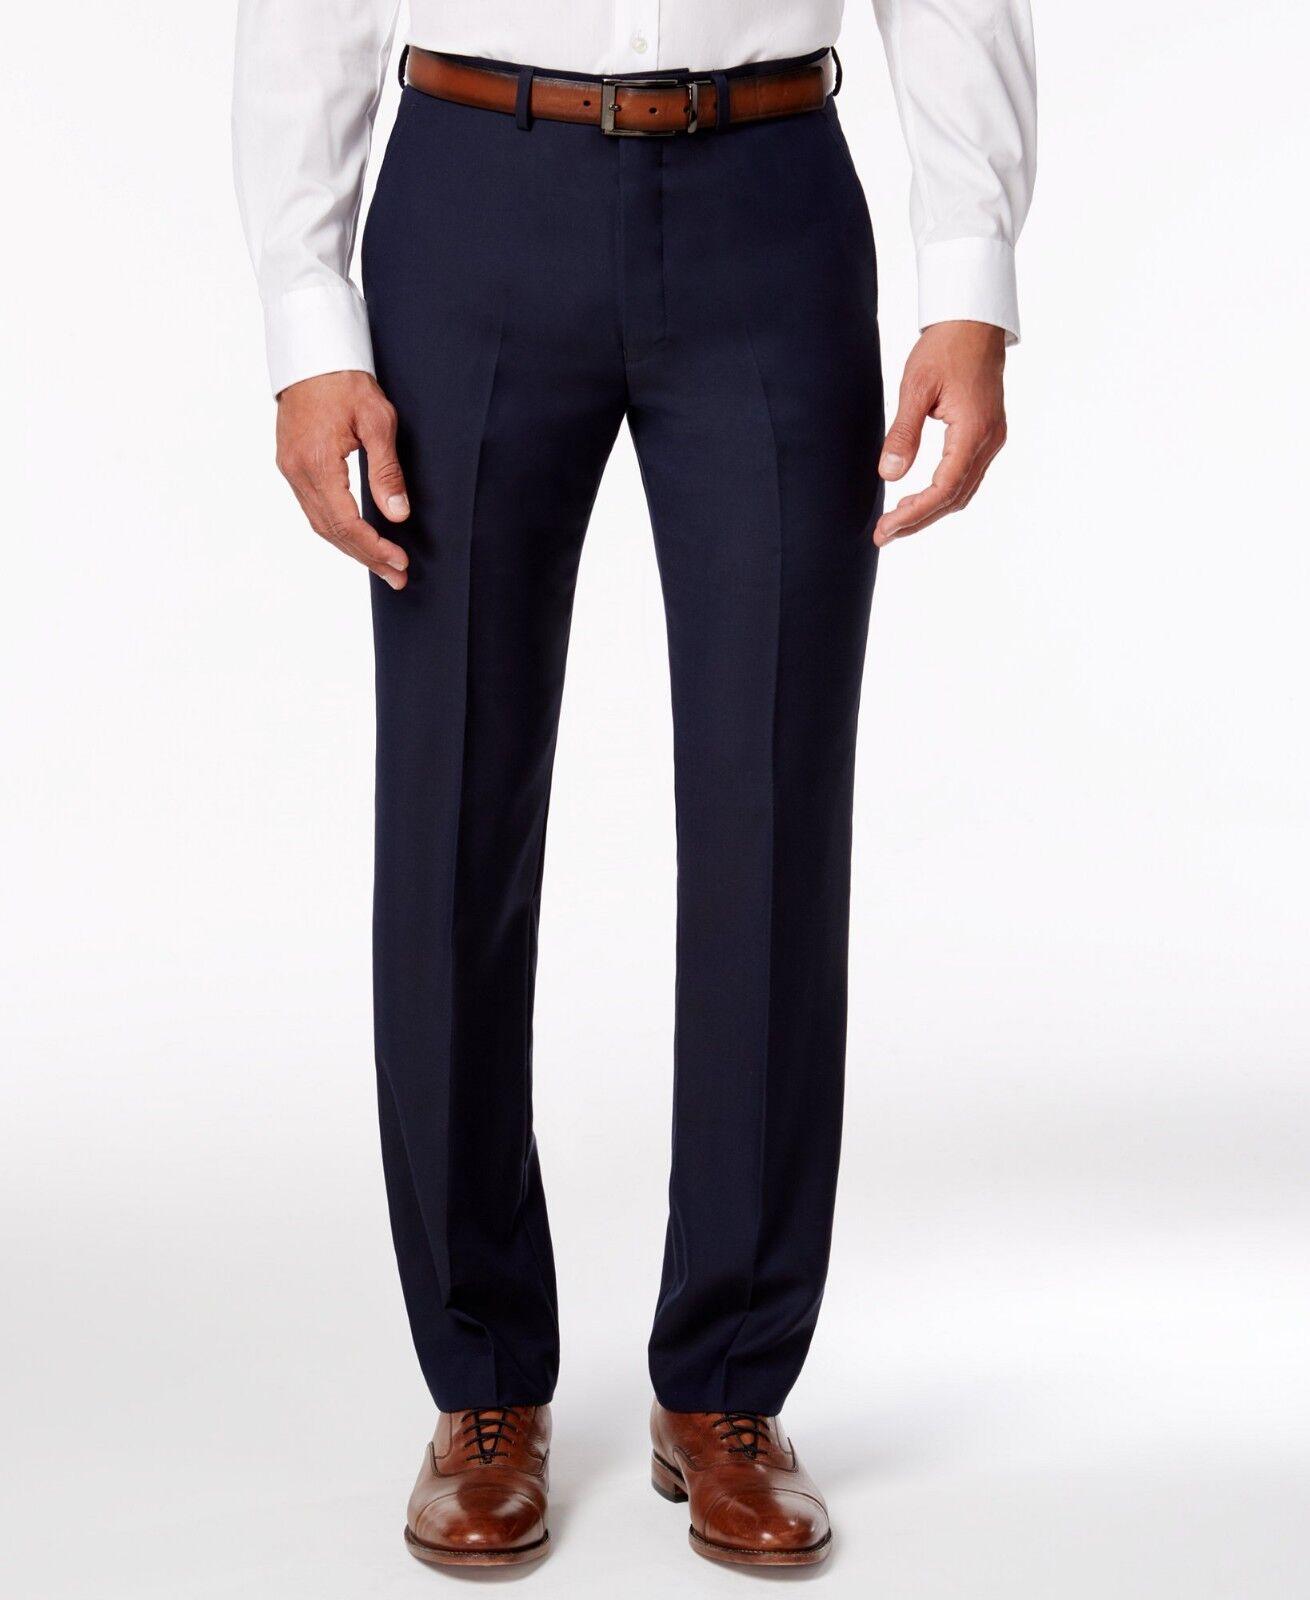 RYAN SEACREST Mens blueE FIT WOOL FLAT FRONT DRESS PANTS TROUSERS 30 W 30 L